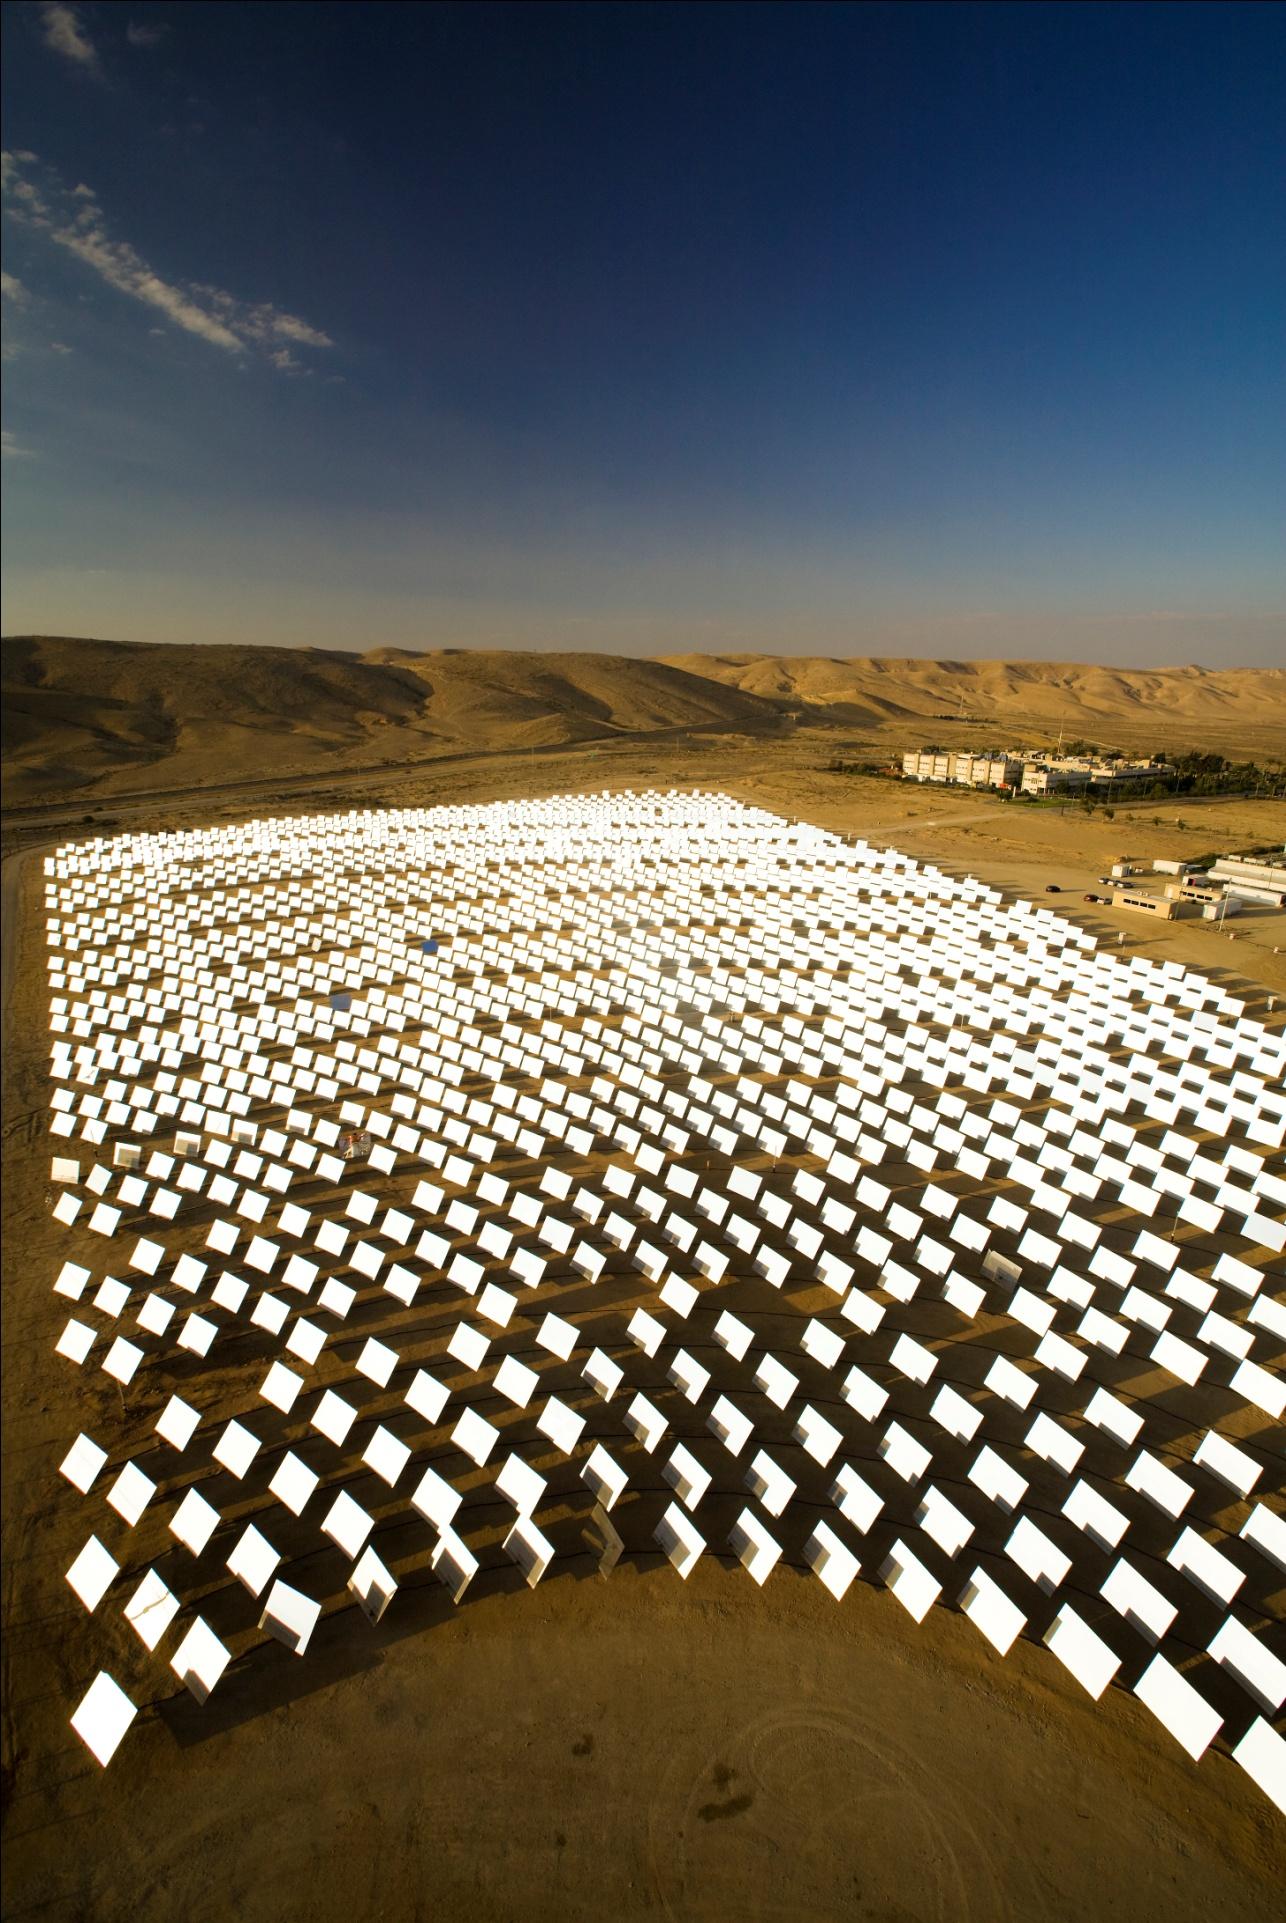 以色列南部是廣大的沙漠,氣候炎熱無比,難以耕作,但許多企業家反而利 用其地形的特色發展太陽能,在一片荒漠中大力生產再生能源。